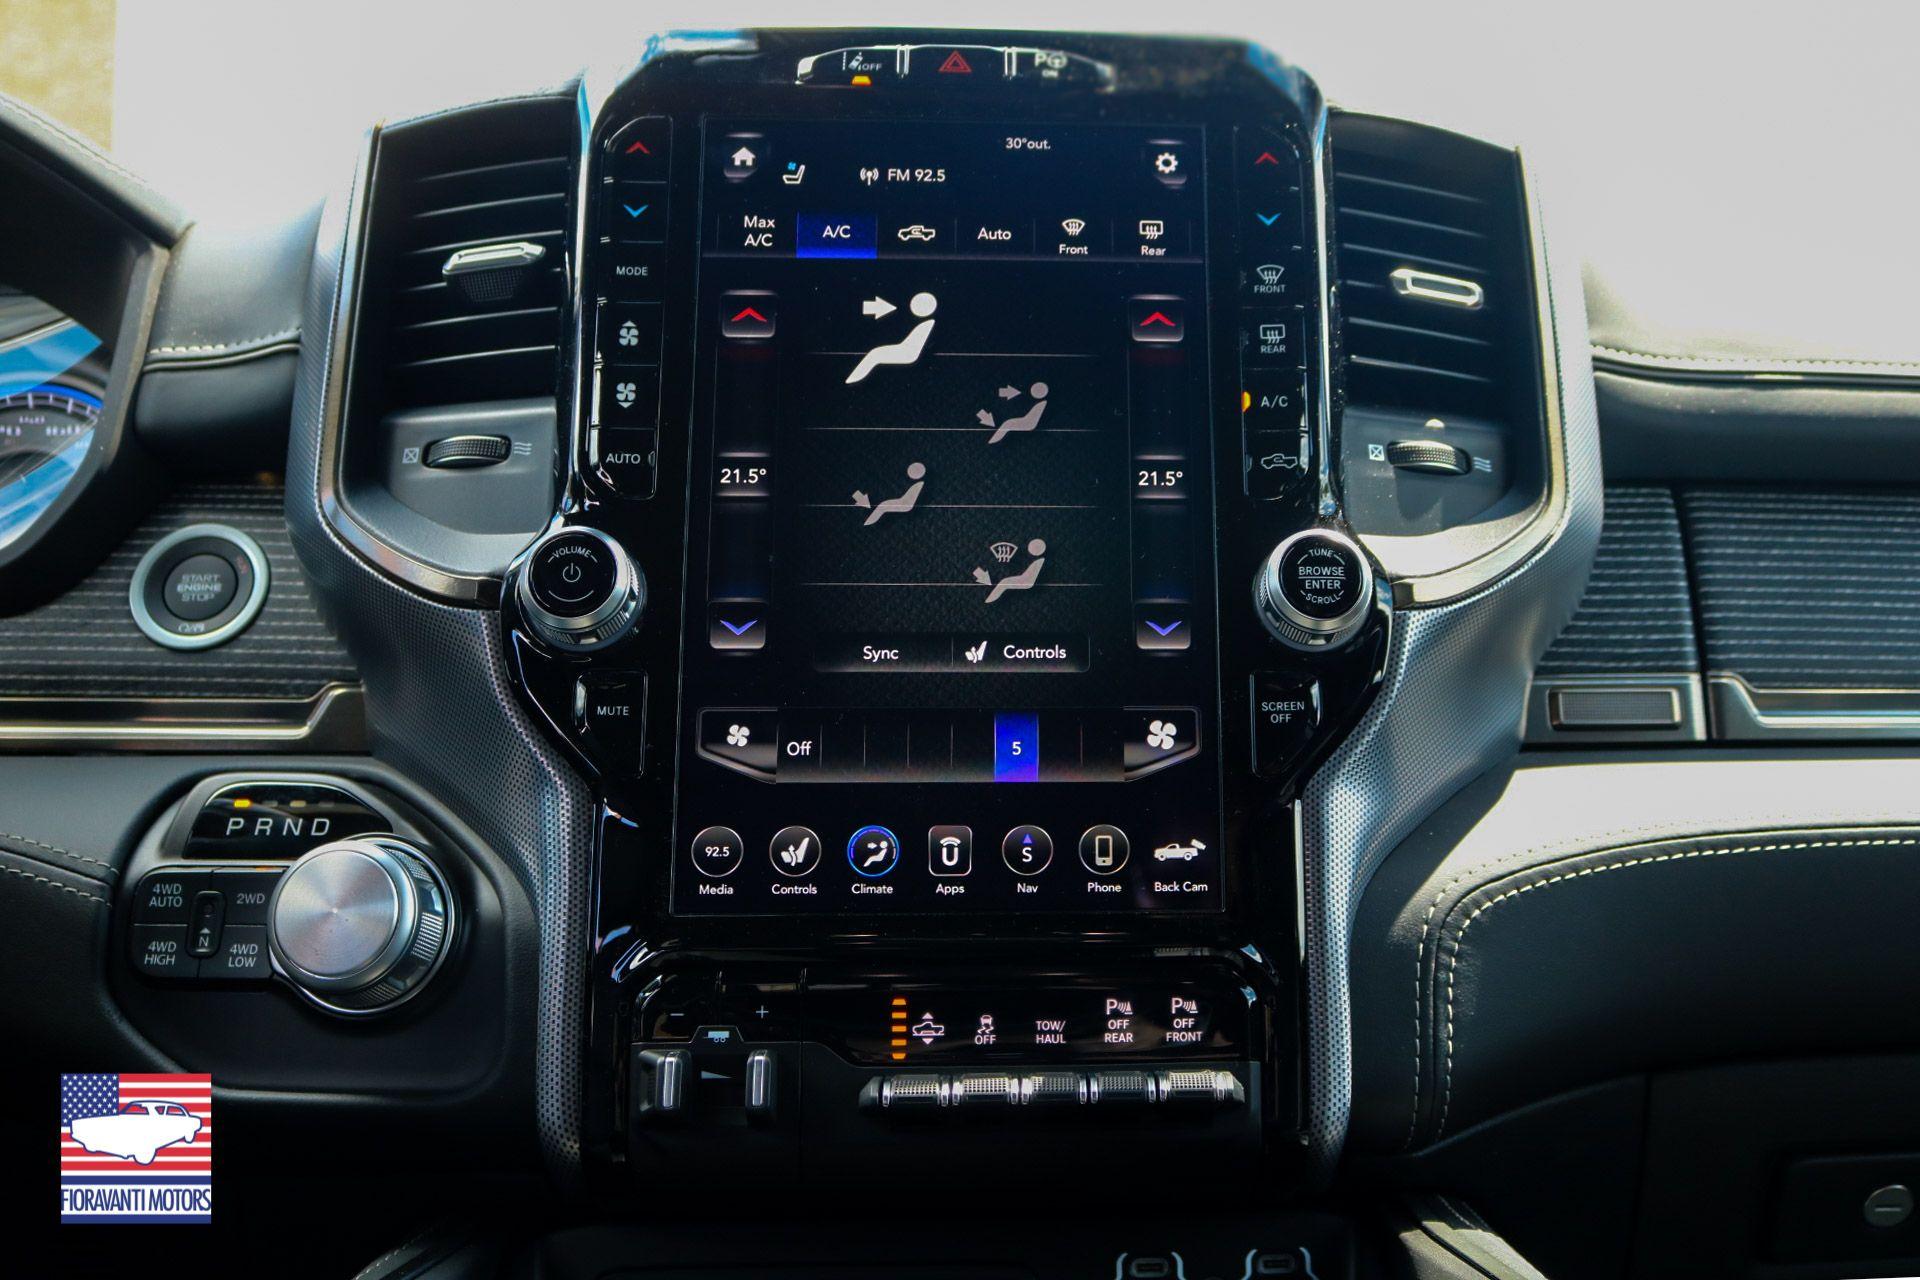 Nuovo Dodge Ram 2019 disponibile e testabile nella nostra